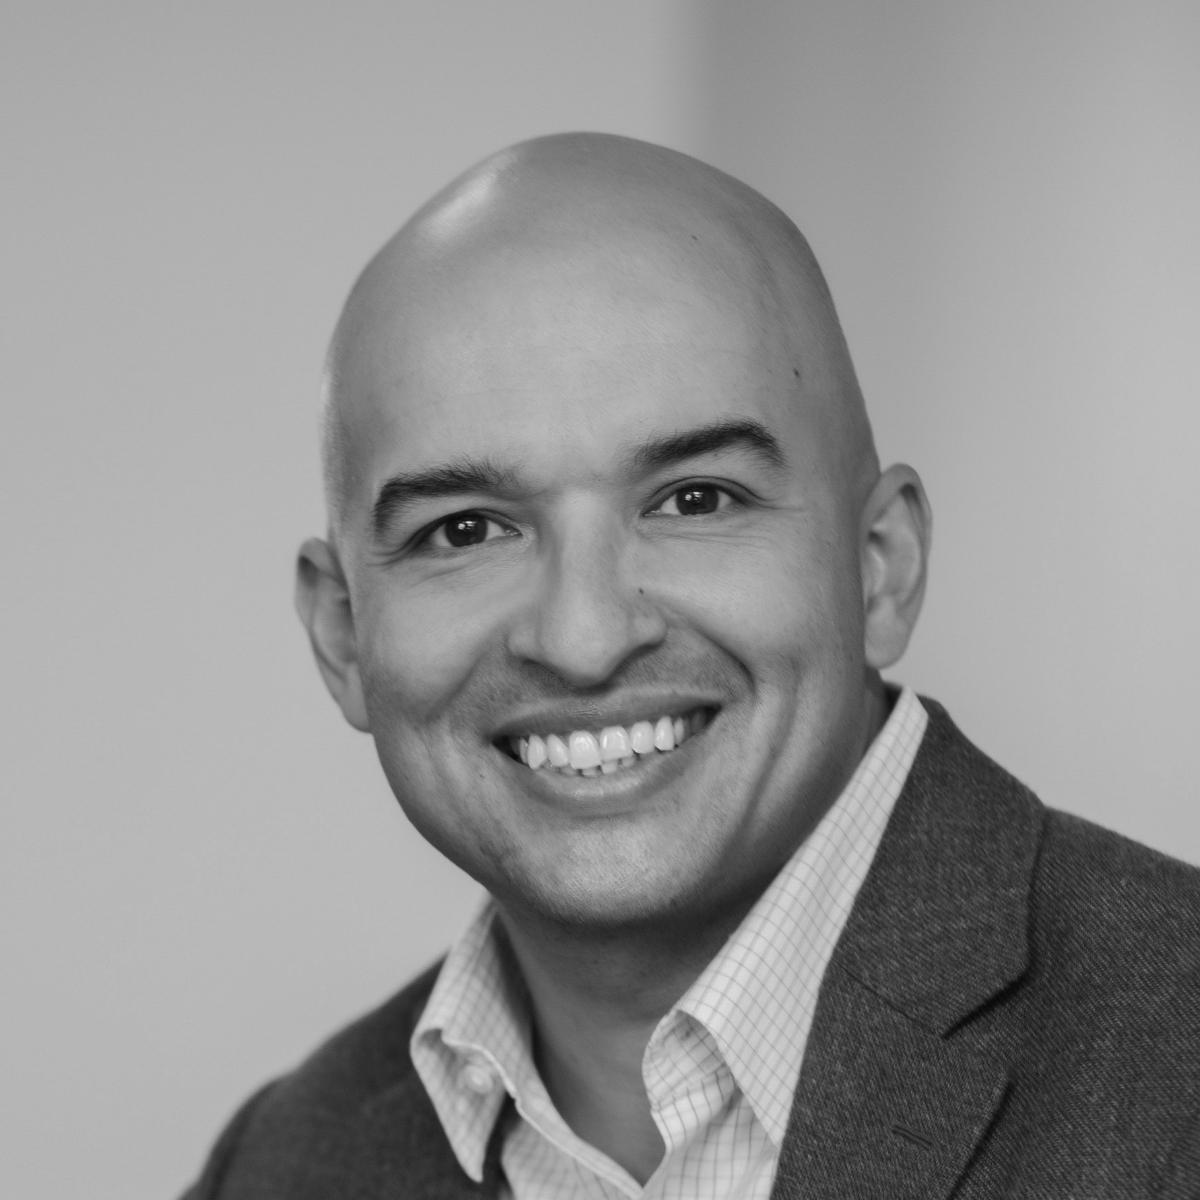 Raul Vazquez